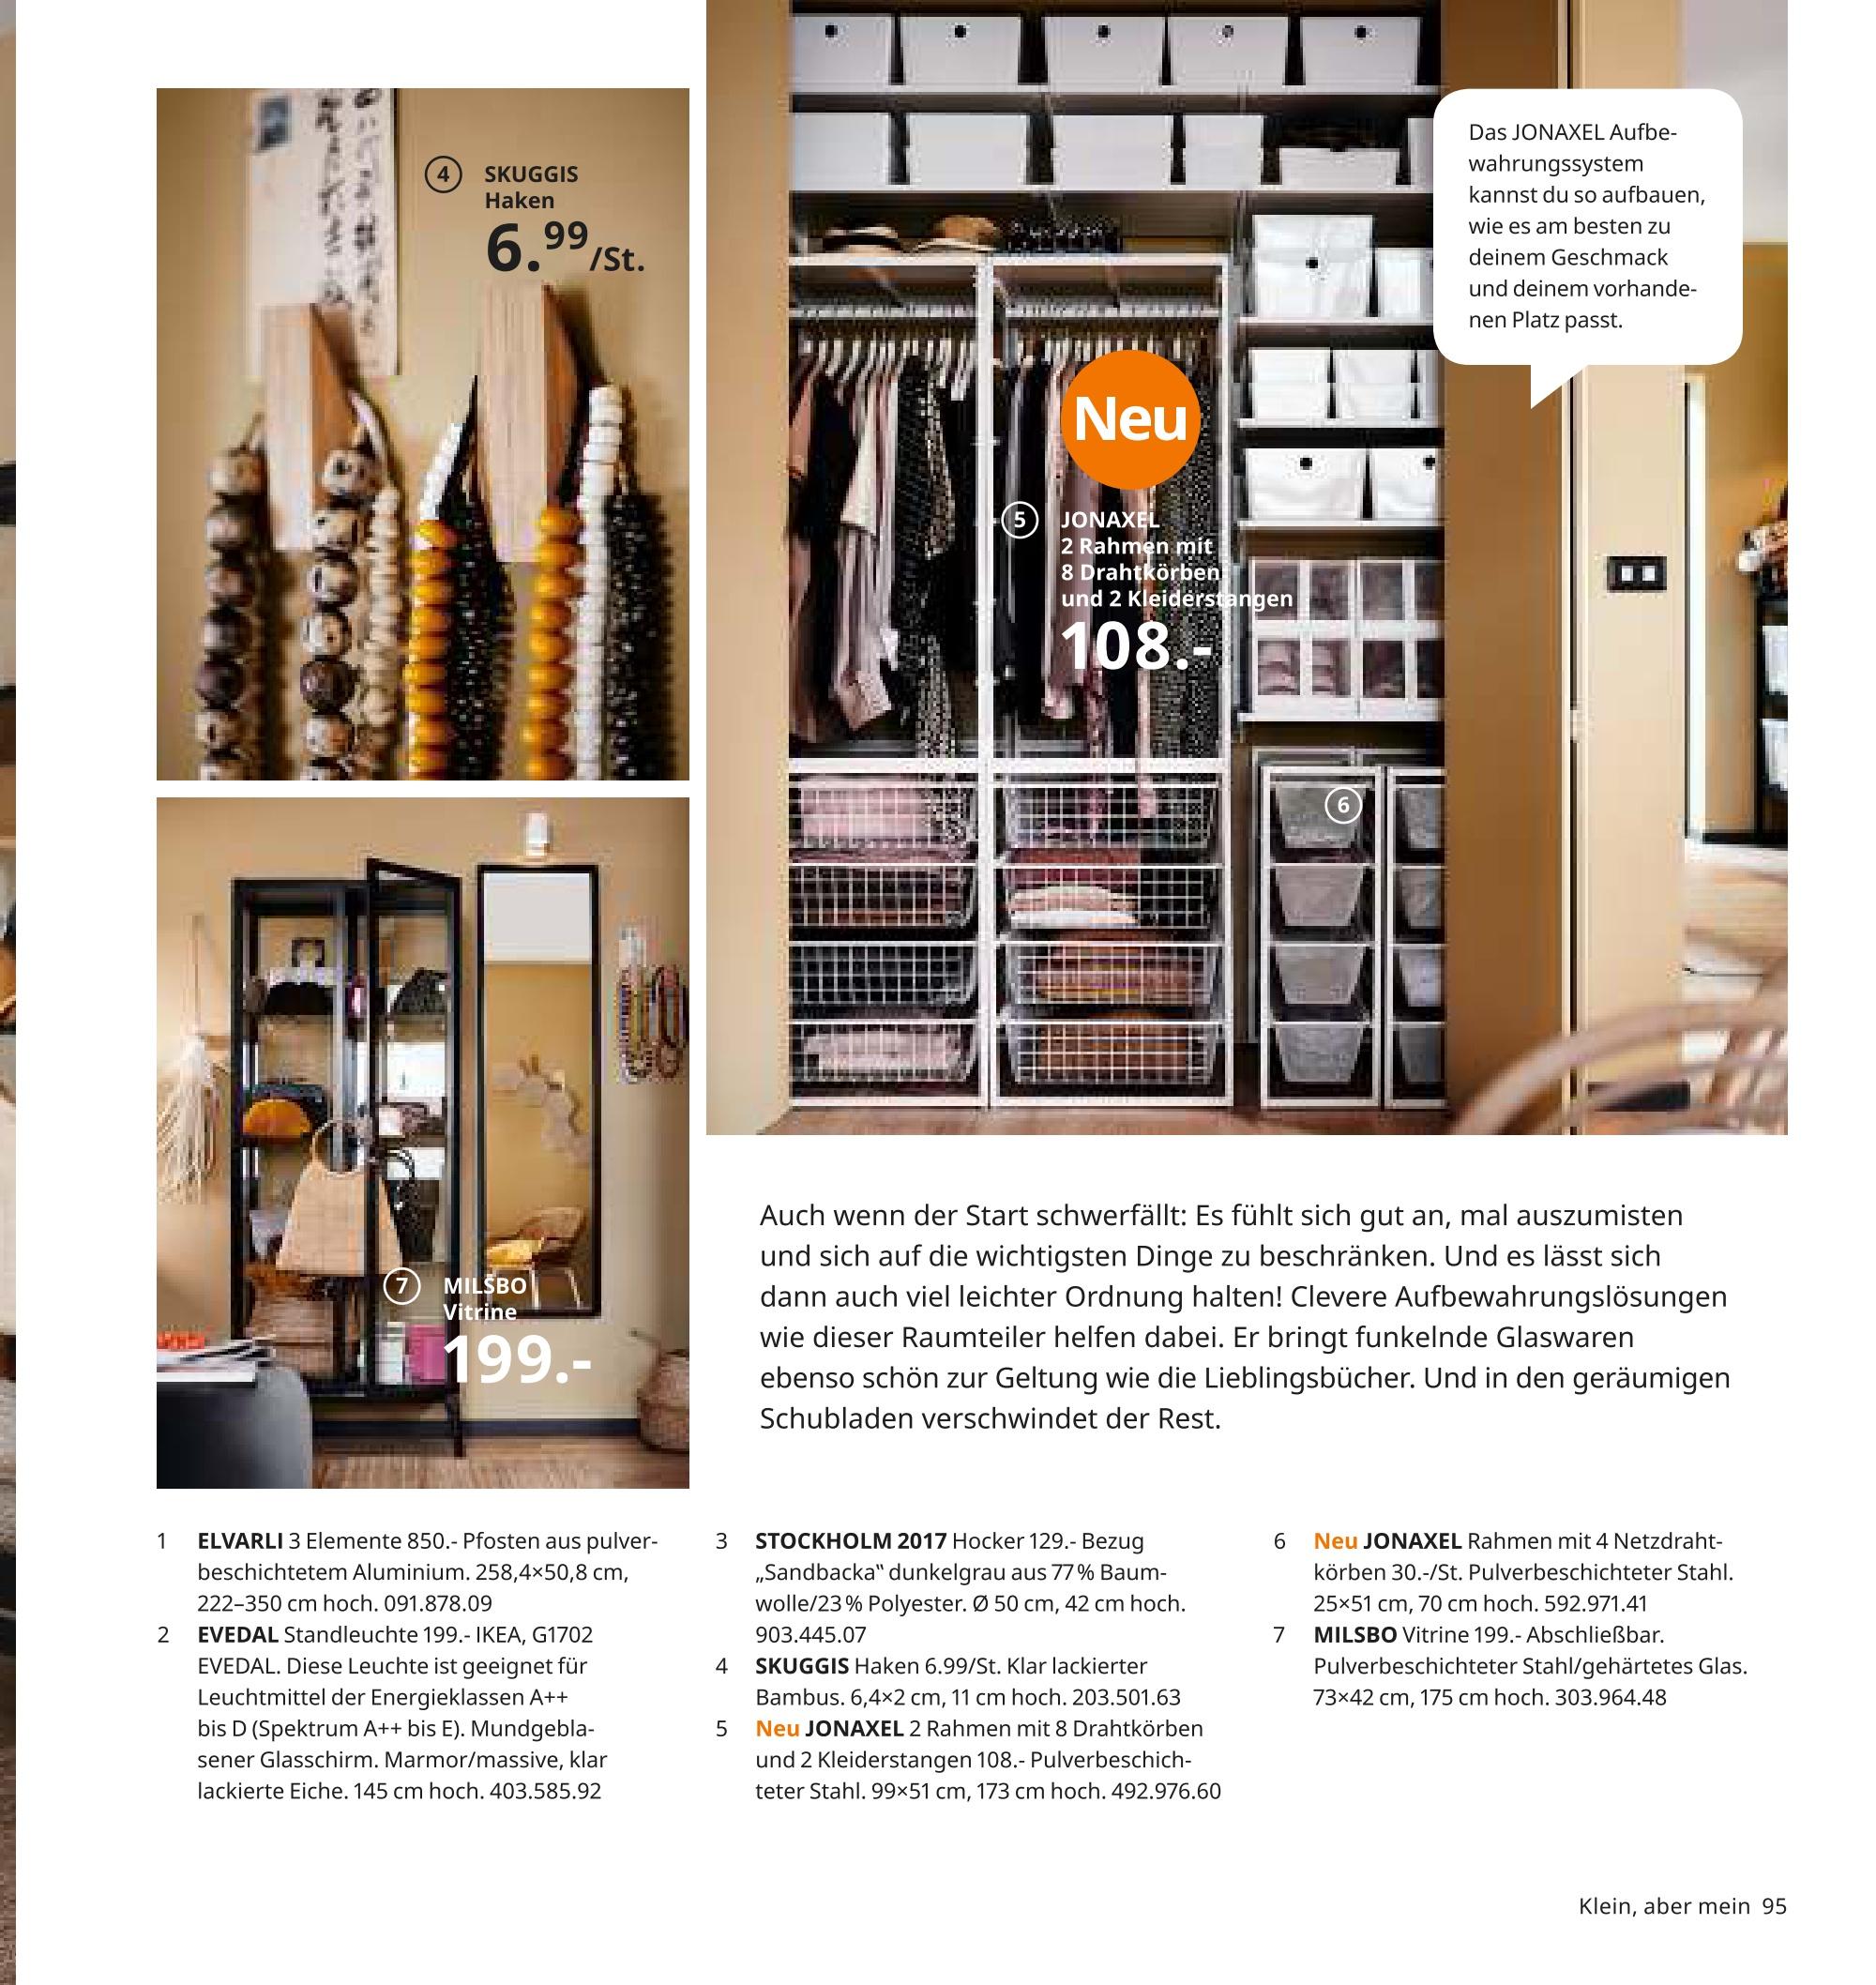 Full Size of Elvarli 3 Elemente Im Angebot Bei Ikea Kupinode Sofa Mit Schlaffunktion Betten Regal Raumteiler Küche Kosten Modulküche Kaufen 160x200 Miniküche Wohnzimmer Ikea Raumteiler